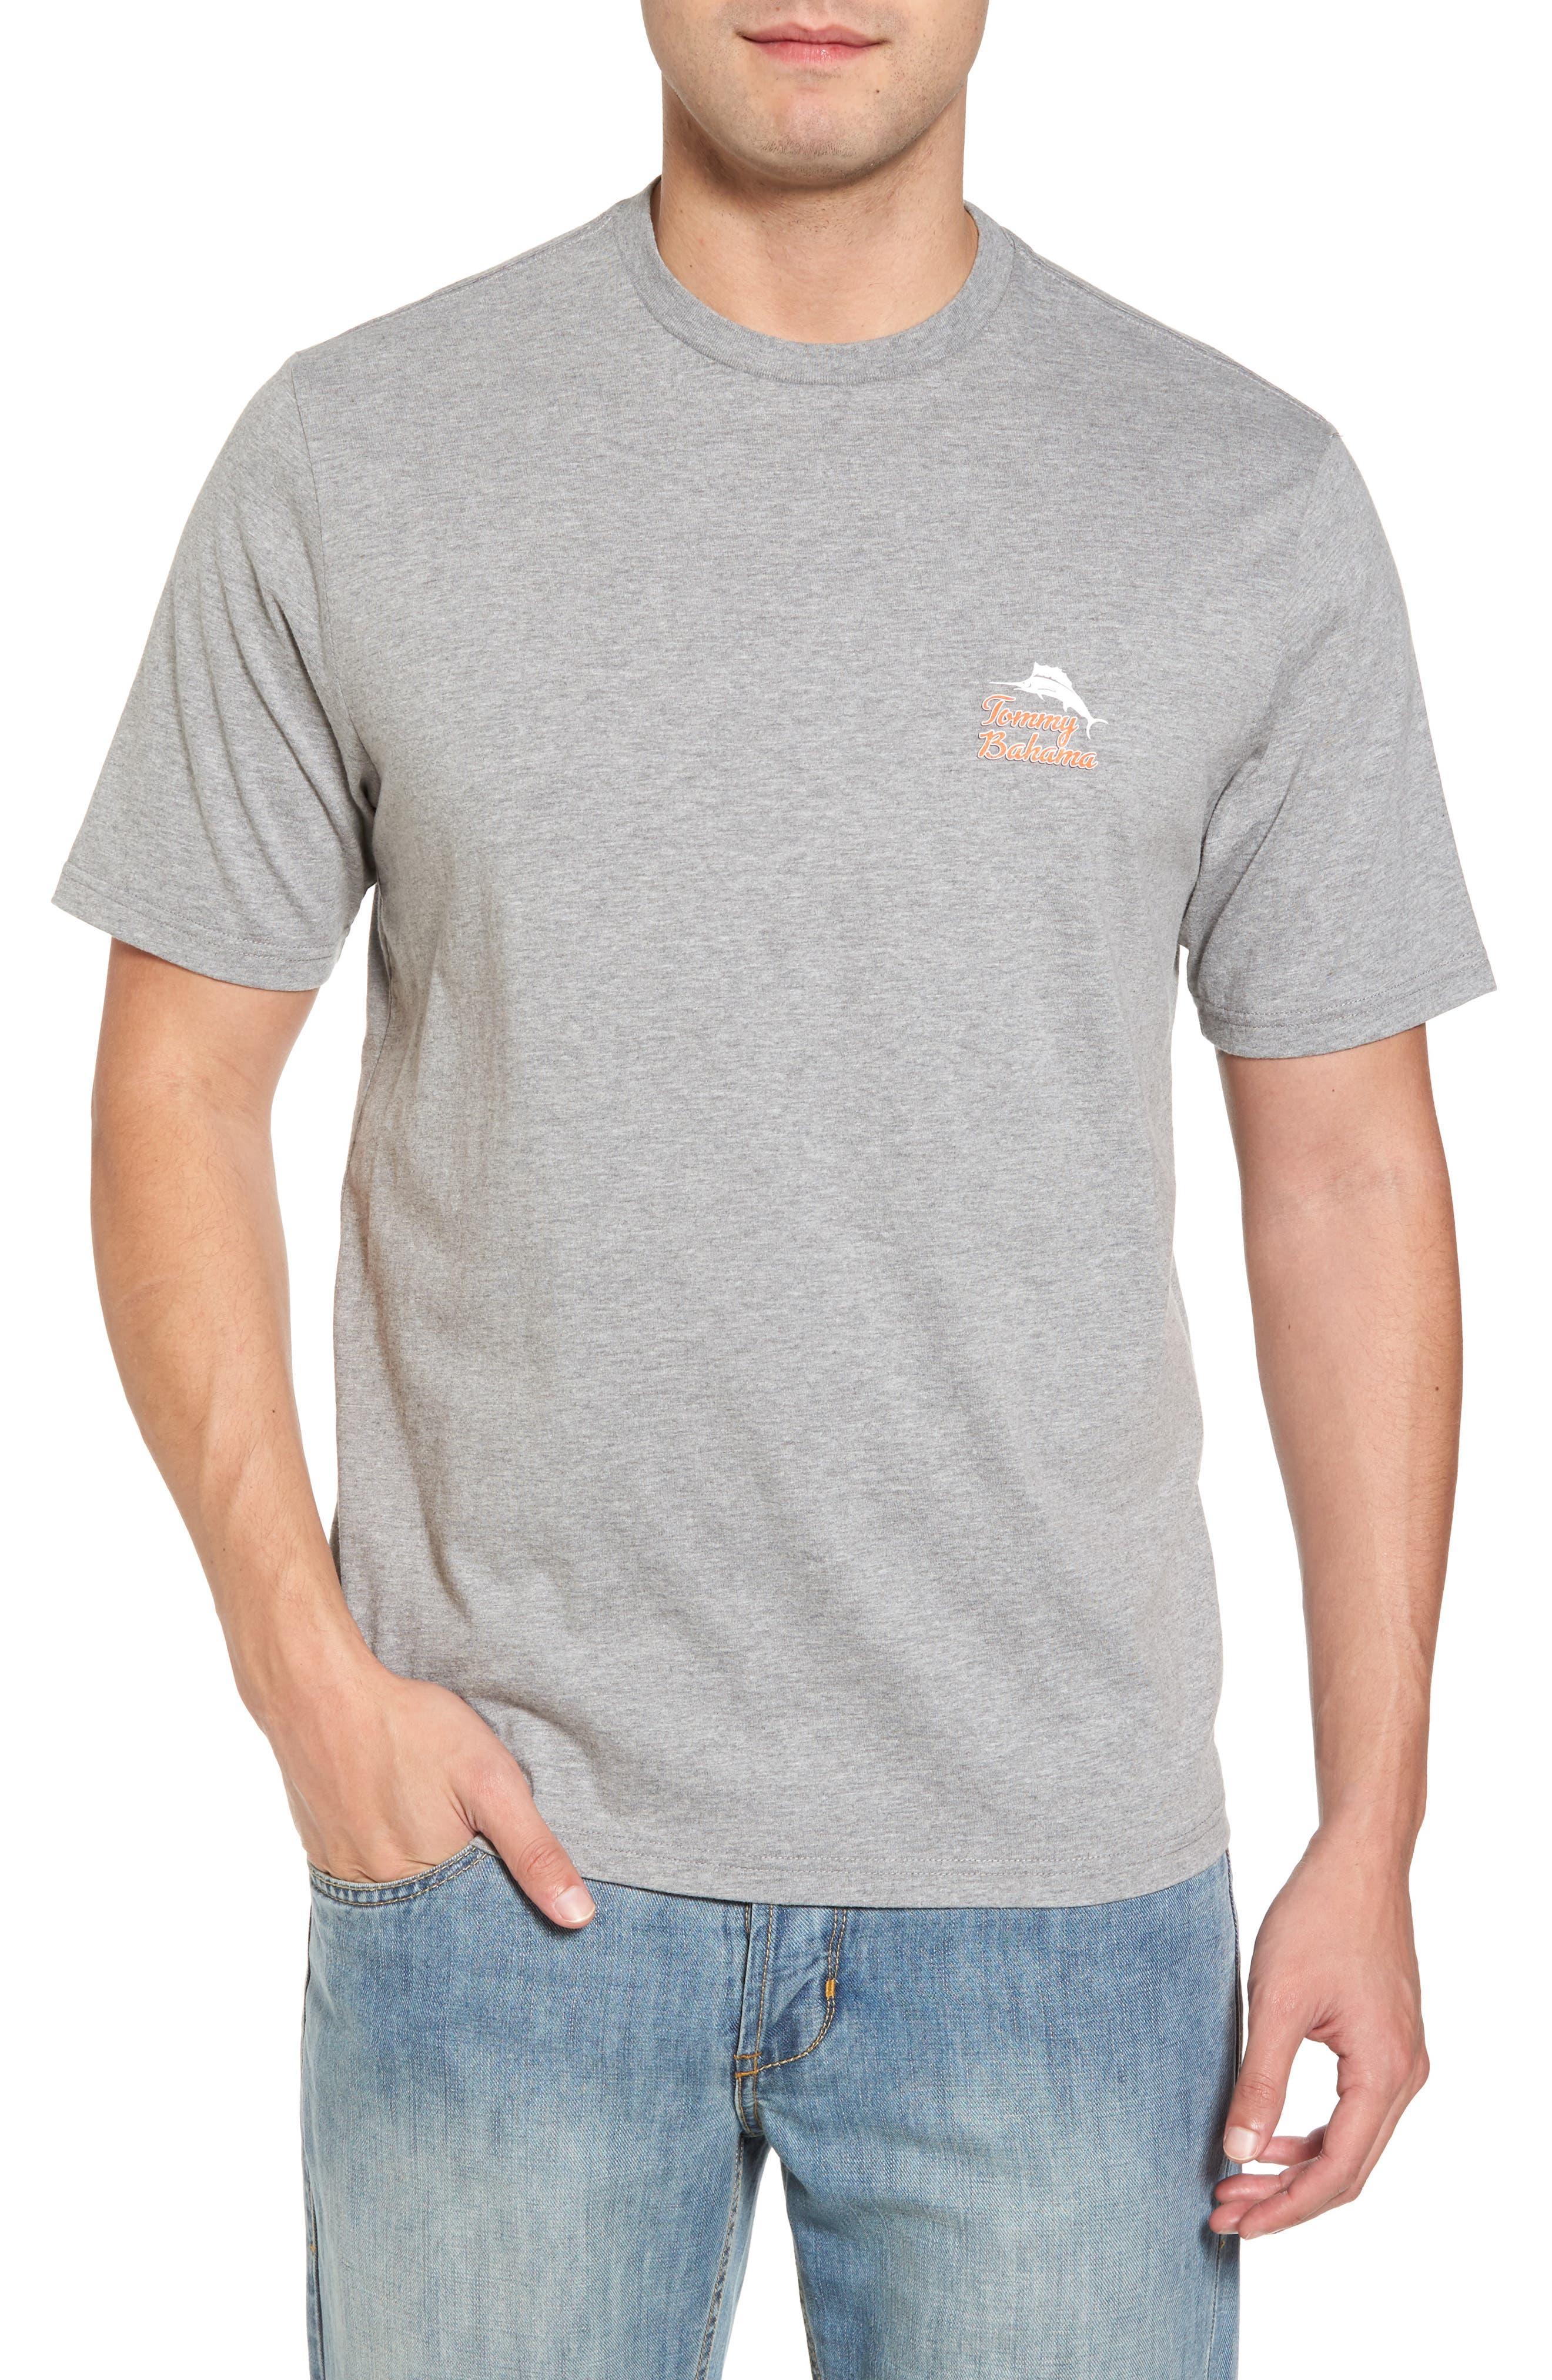 Morning Anchor Graphic T-Shirt,                             Main thumbnail 1, color,                             020